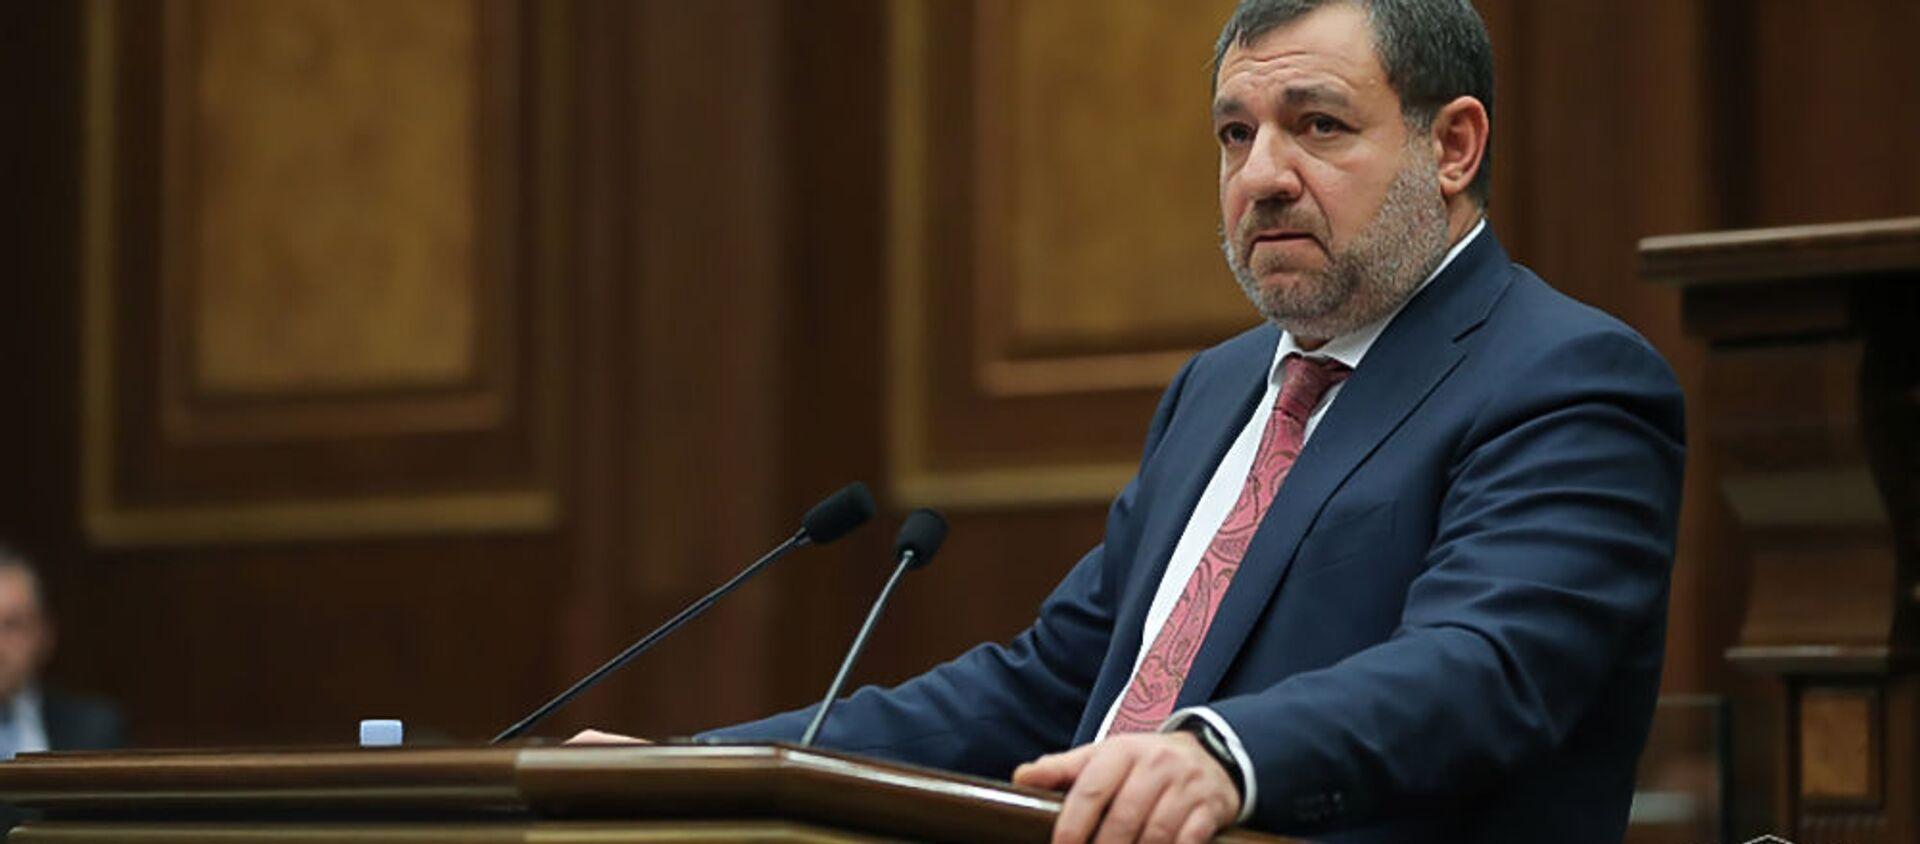 Председатель Высшего судебного совета Рубен Вардазарян отвечает на вопрос депутата во время очередного заседания Парламента (3 марта 2021). Еревaн - Sputnik Արմենիա, 1920, 09.07.2021